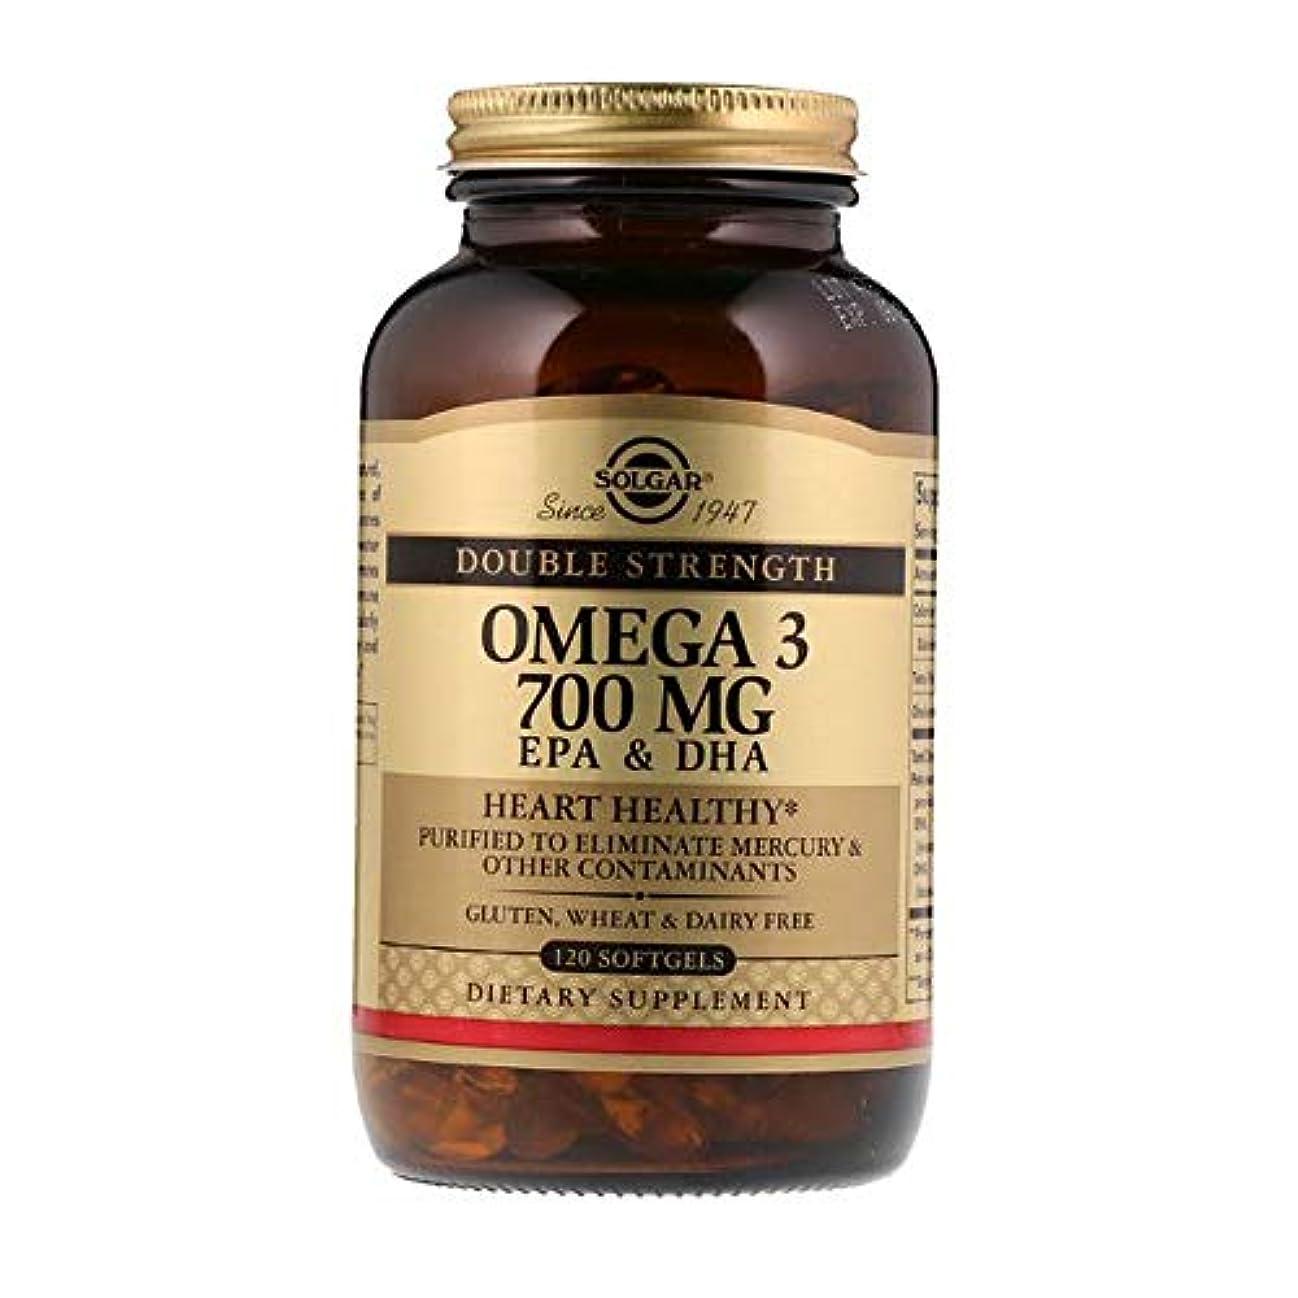 リー小学生クリーナーSolgar Omega 3 EPA DHA Double Strength 700mg 120 Softgels 【アメリカ直送】